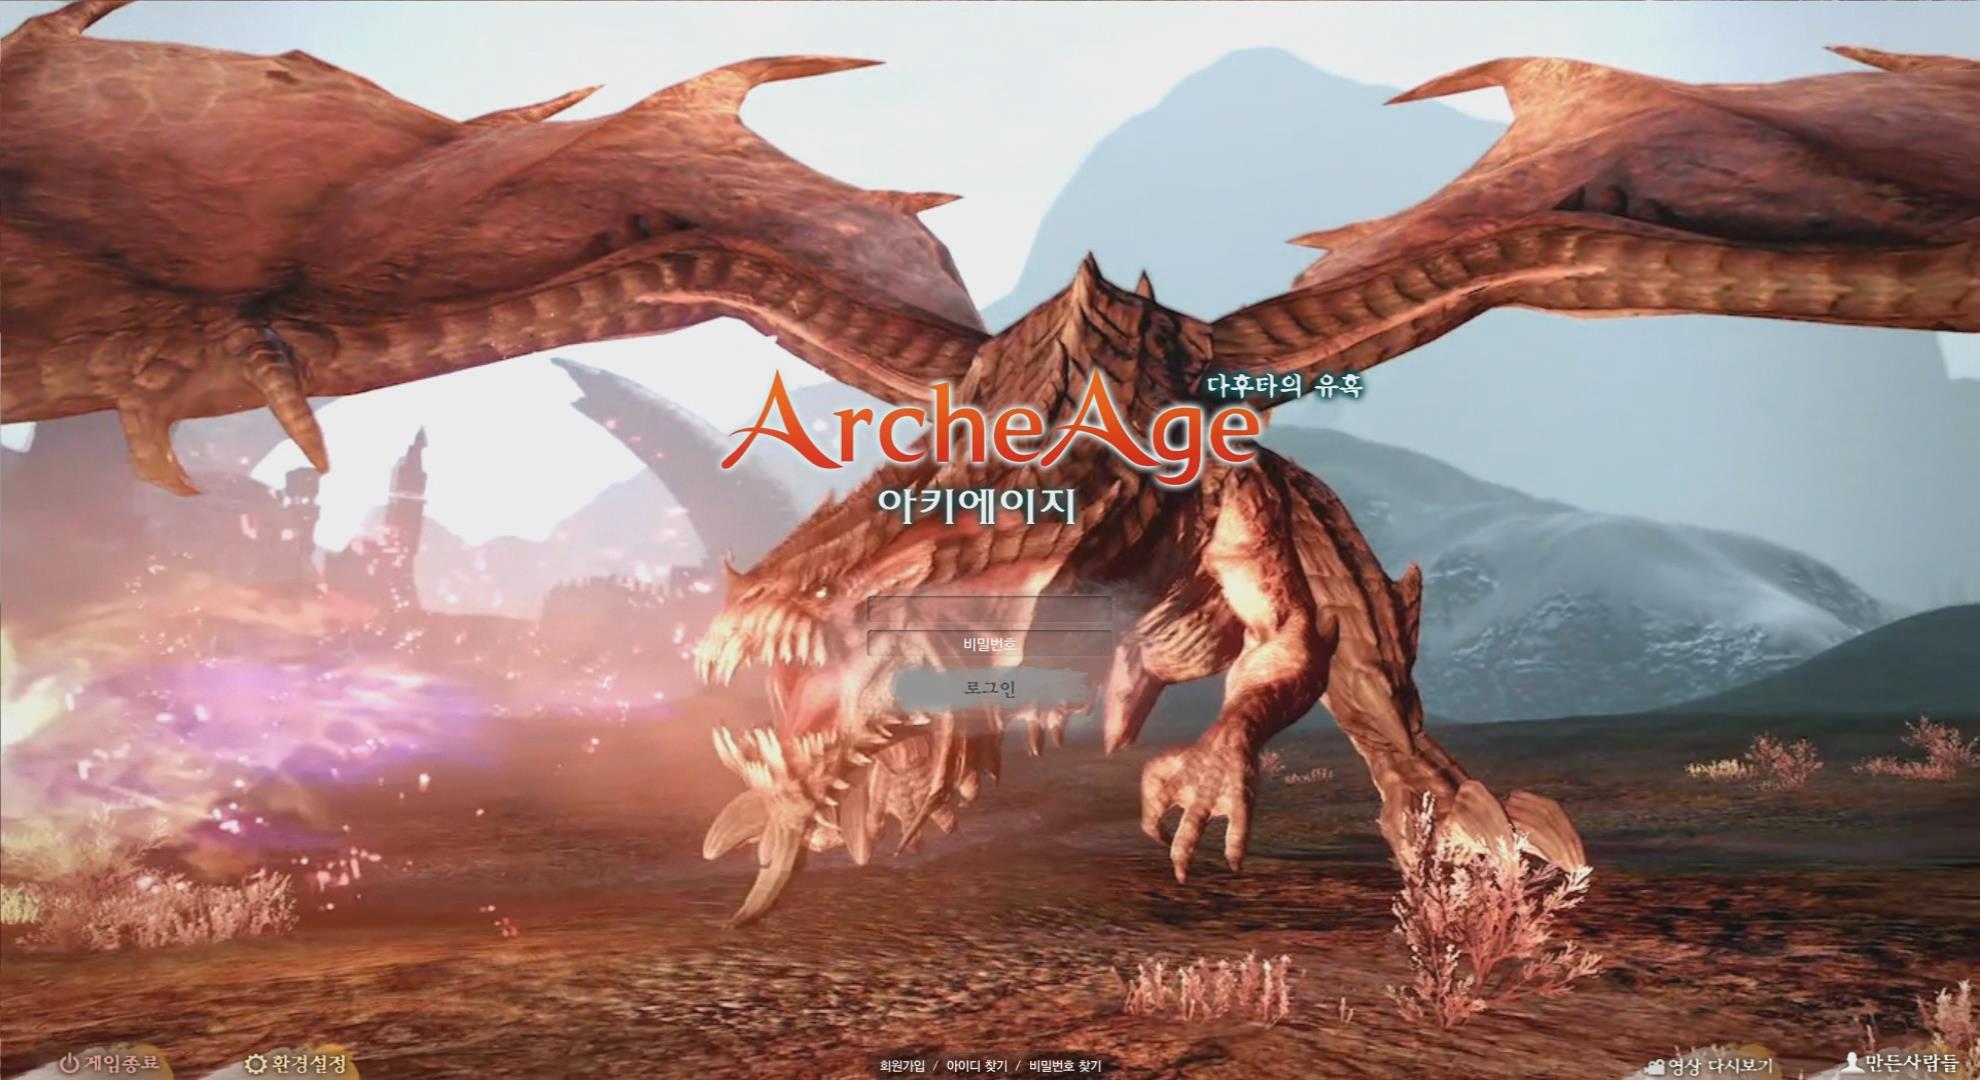 ArcheAge 2013-07-25 23-32-3205